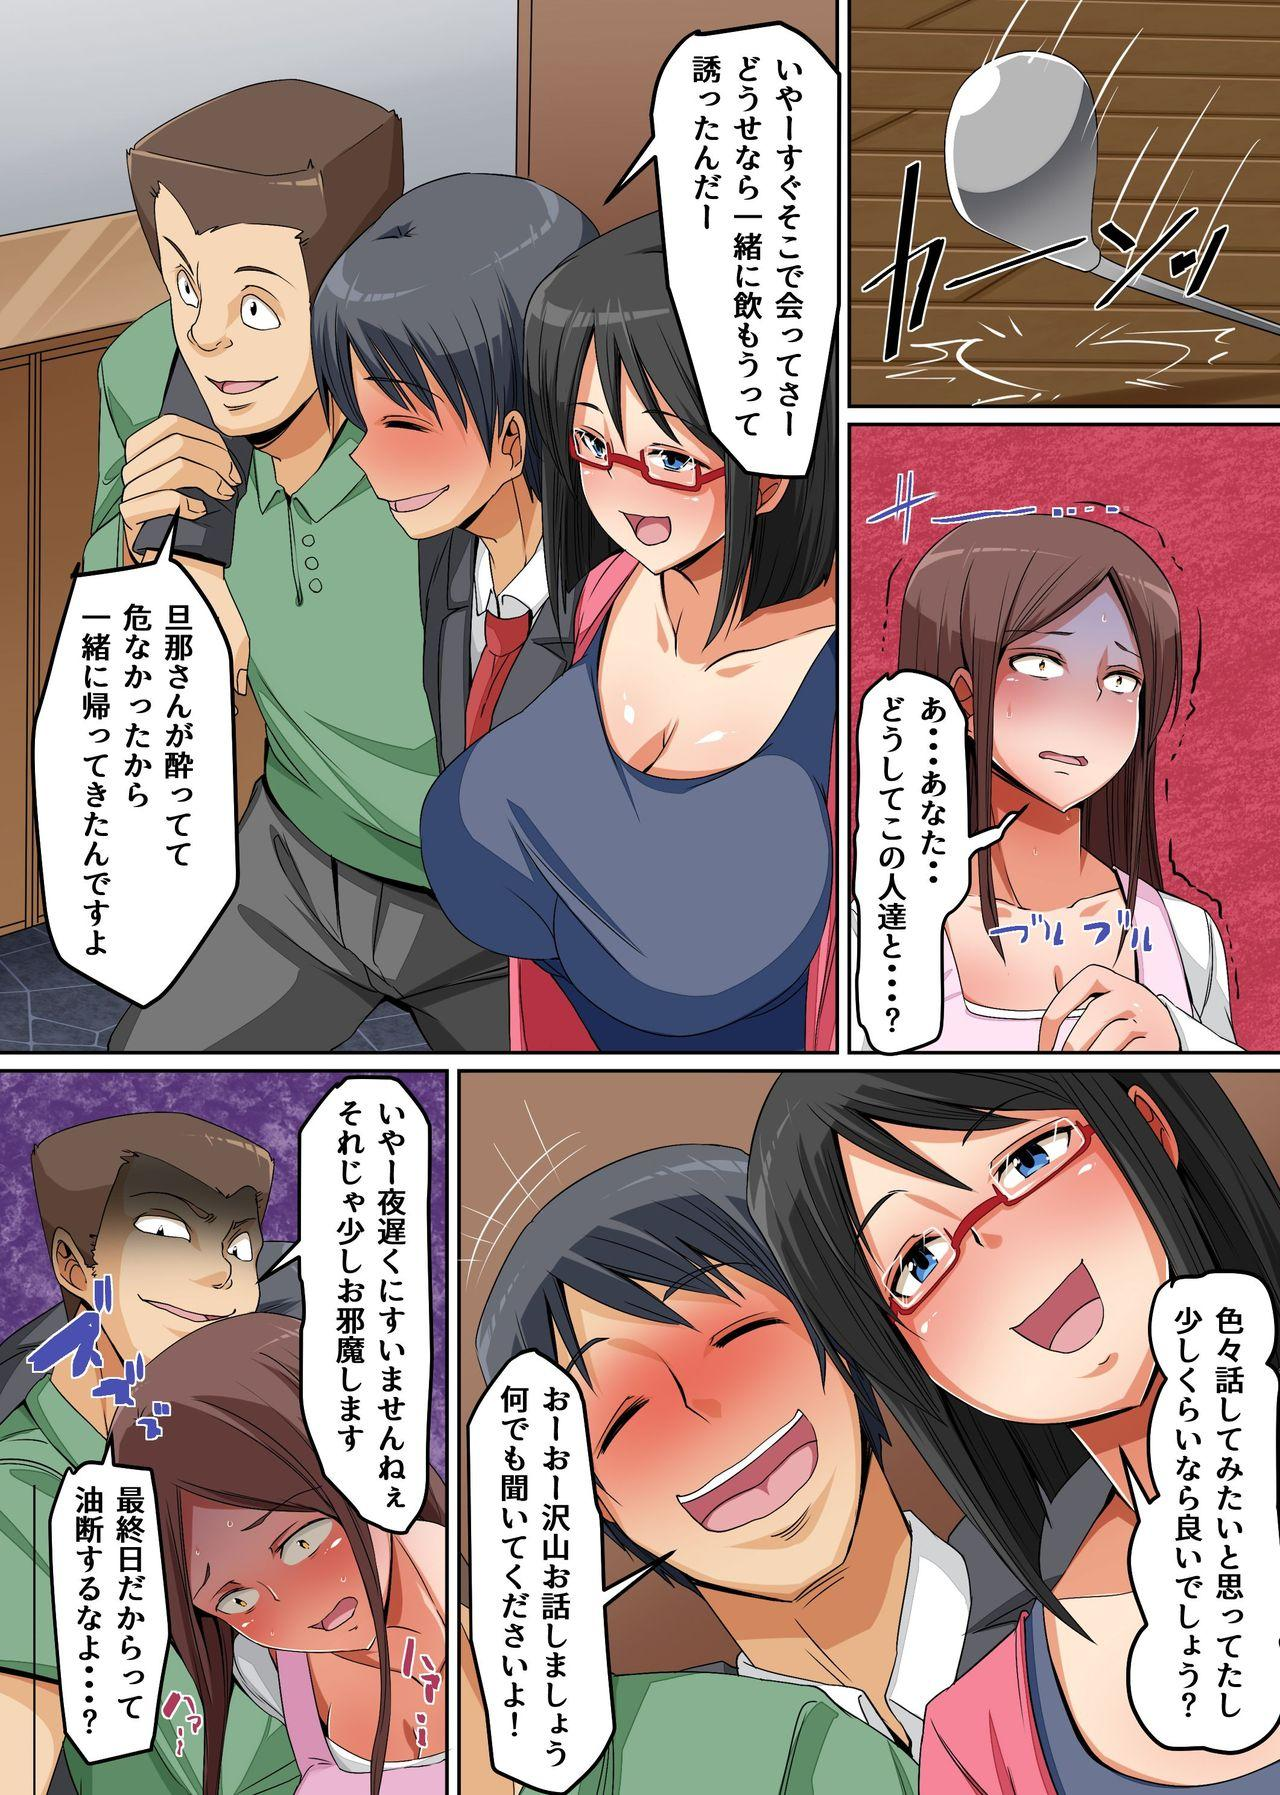 Tsuma ga Kakushite Ita Kako 12